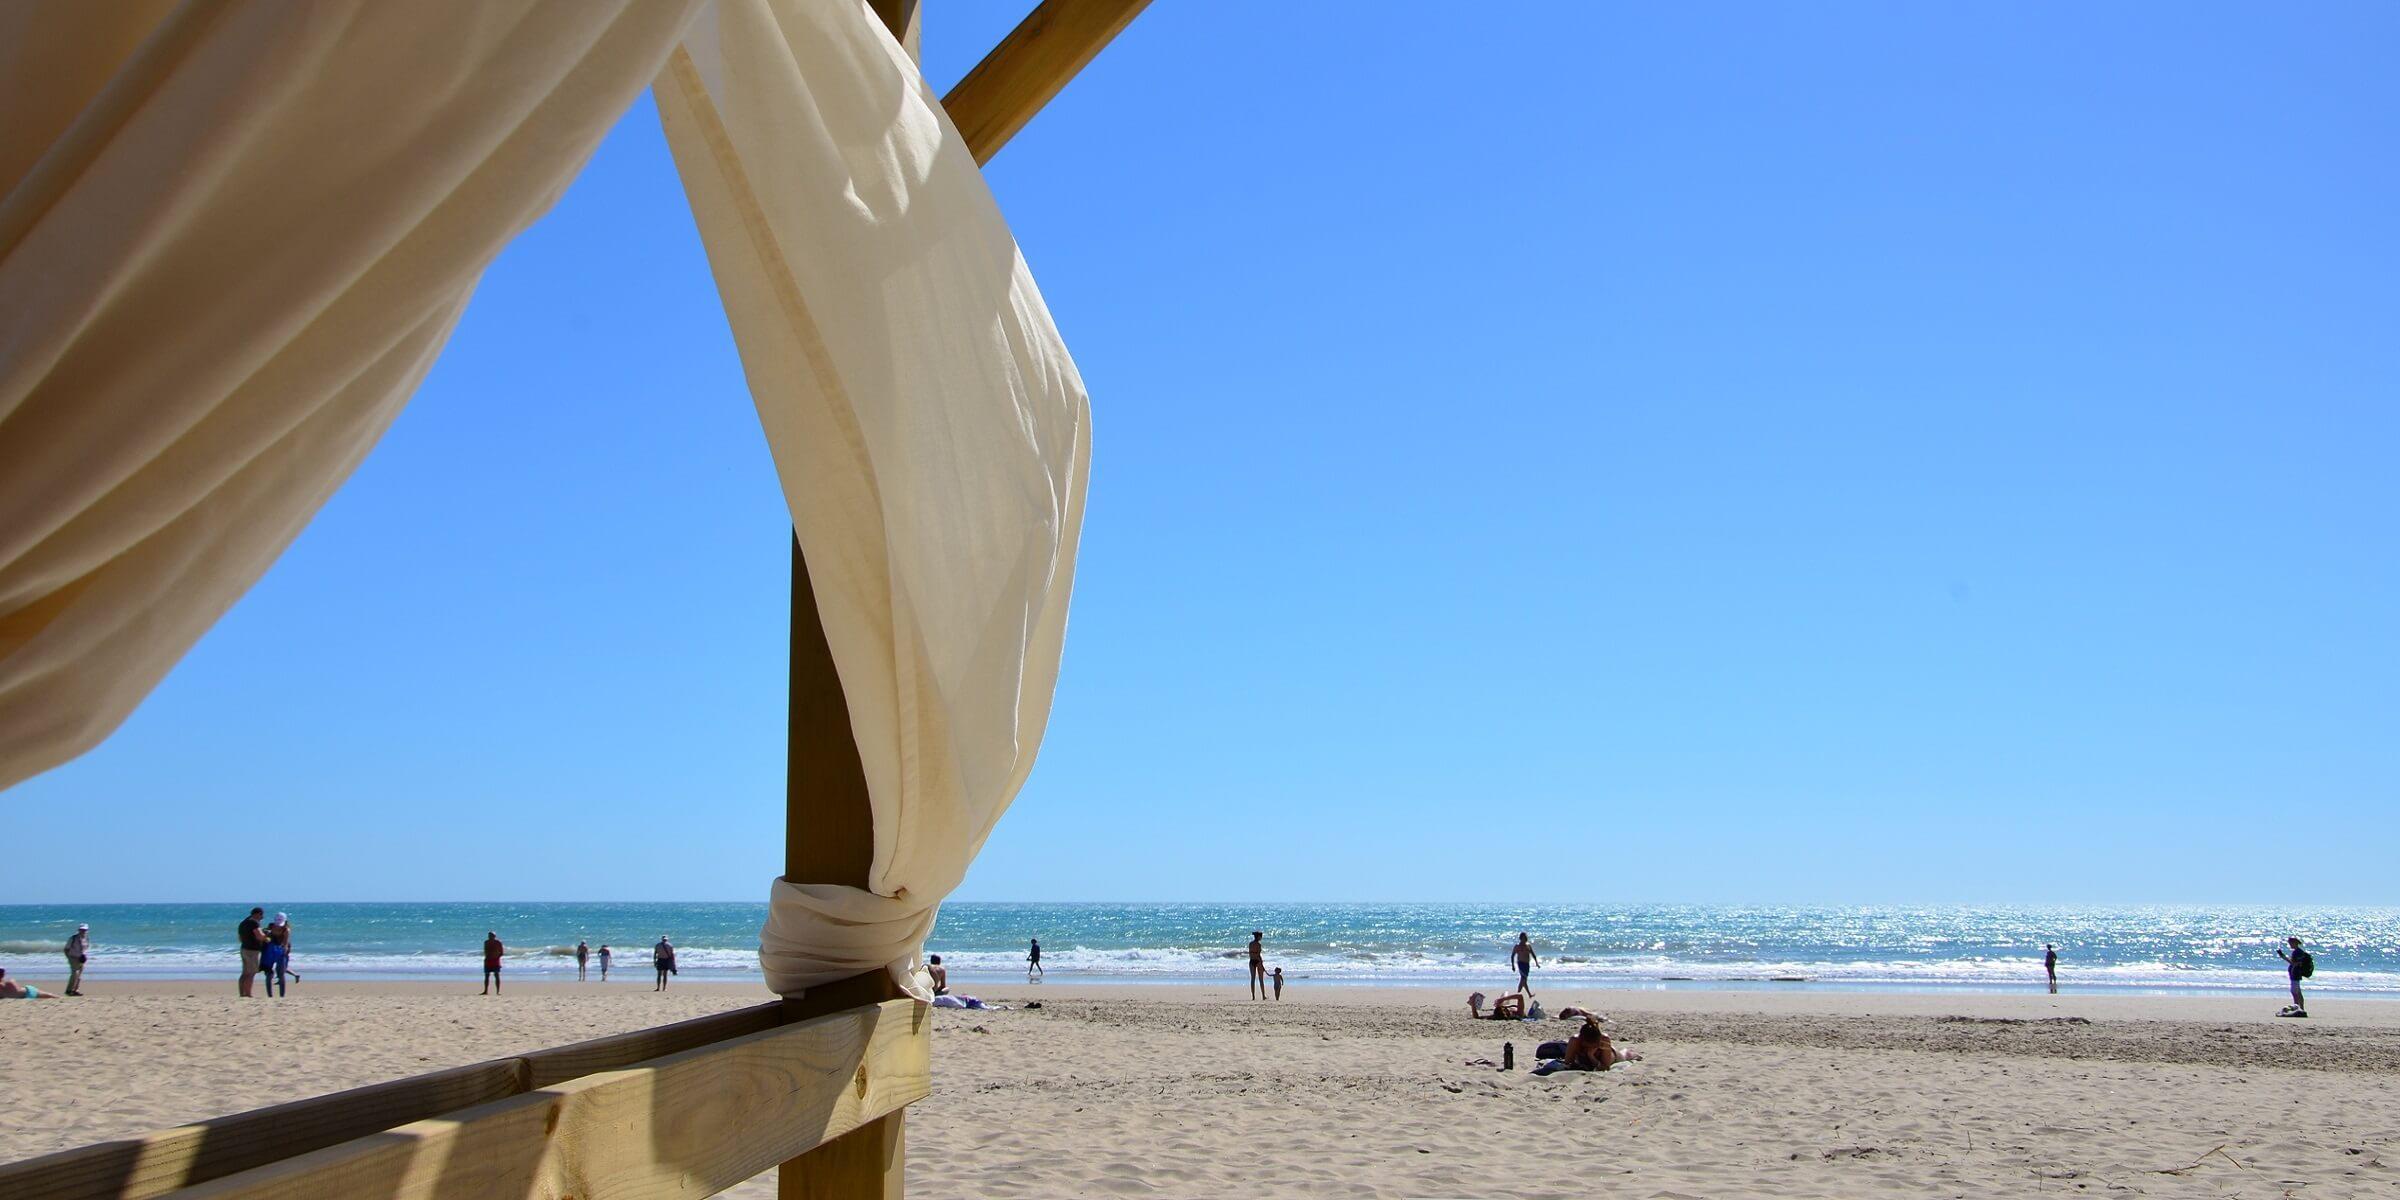 Unter der Sonne in Andalusien lässt sich Ihr Singleurlaub genießen